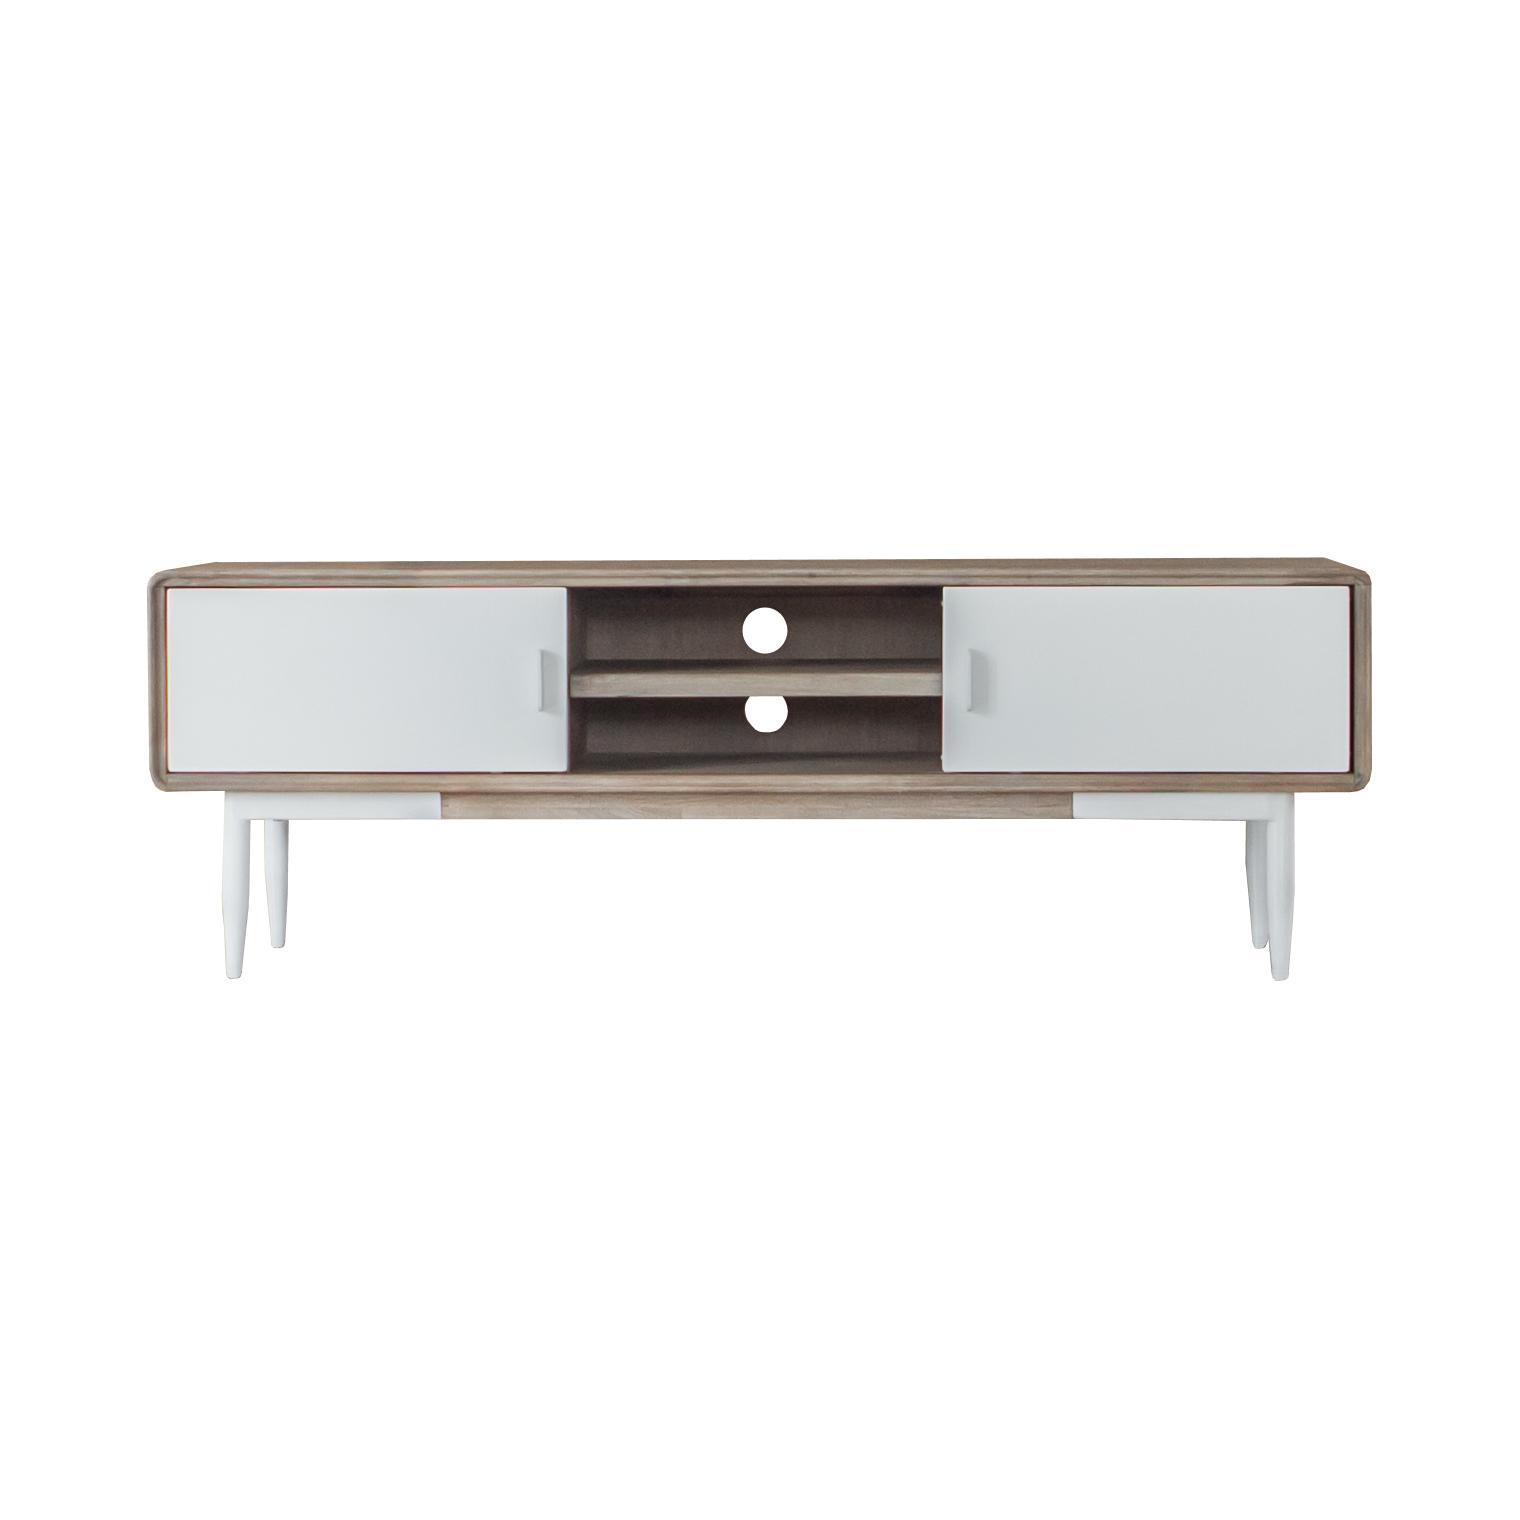 Móvel TV Florence, madeira acácia/MDF lacado, 55x165 cm